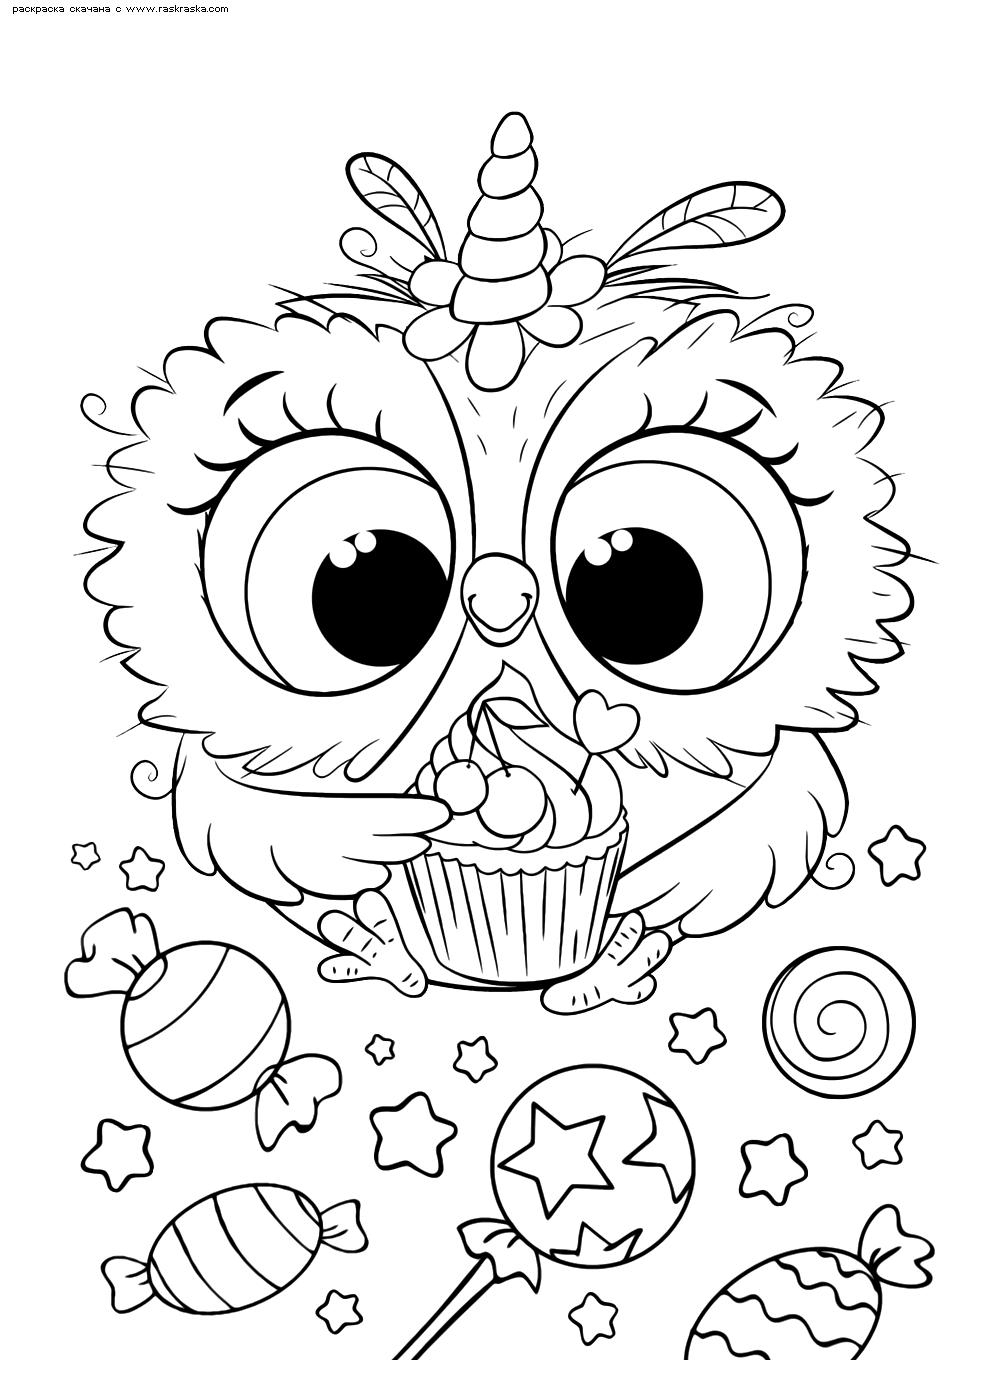 Раскраска Совенок с конфетами | Раскраски няшных животных ...